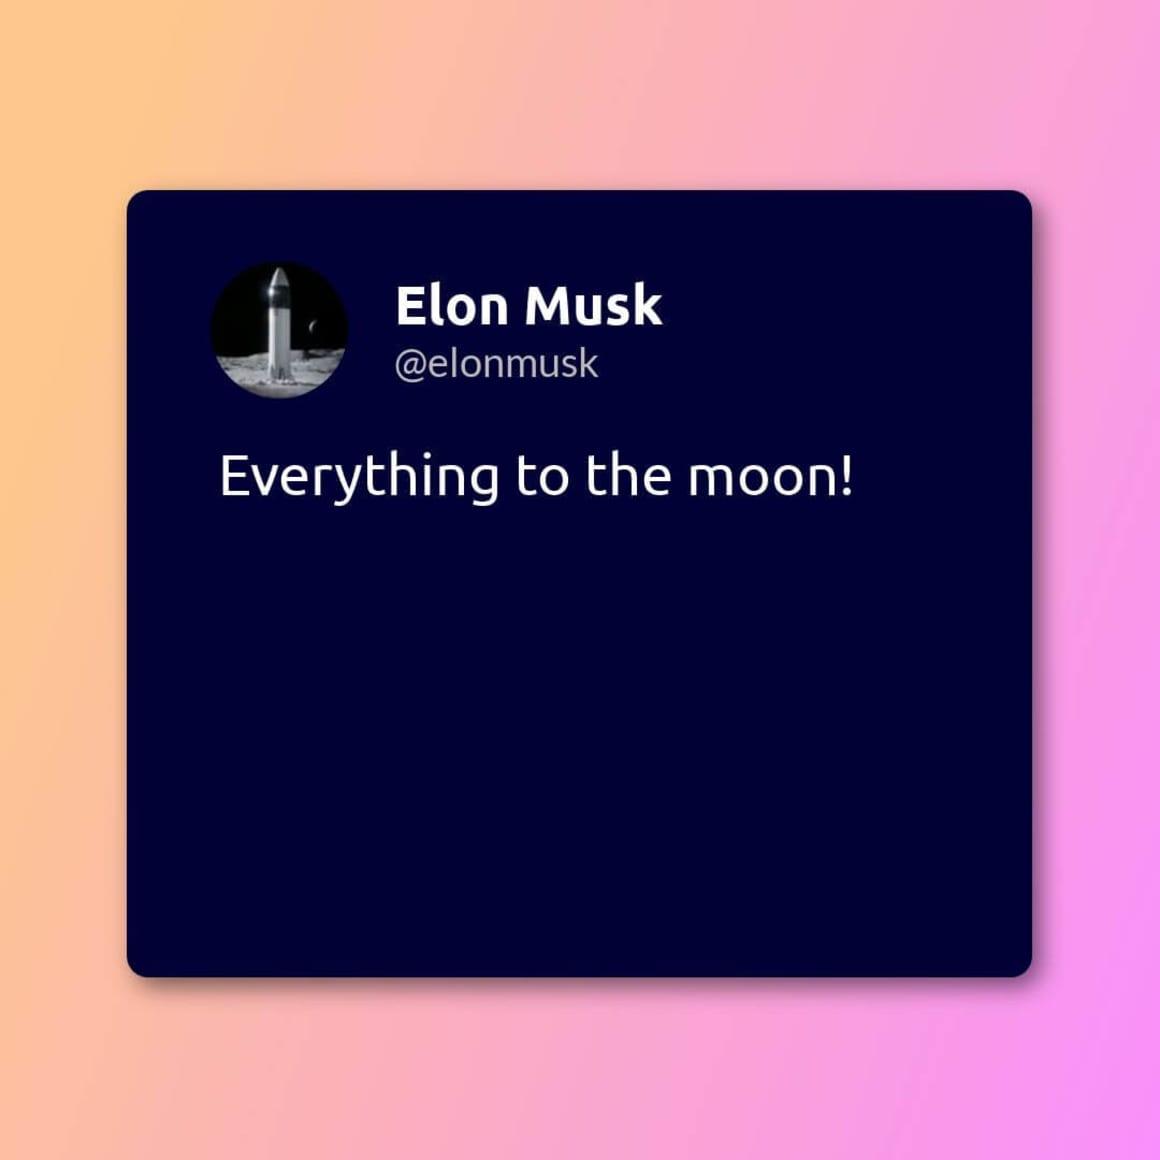 Elon Musk tweet image